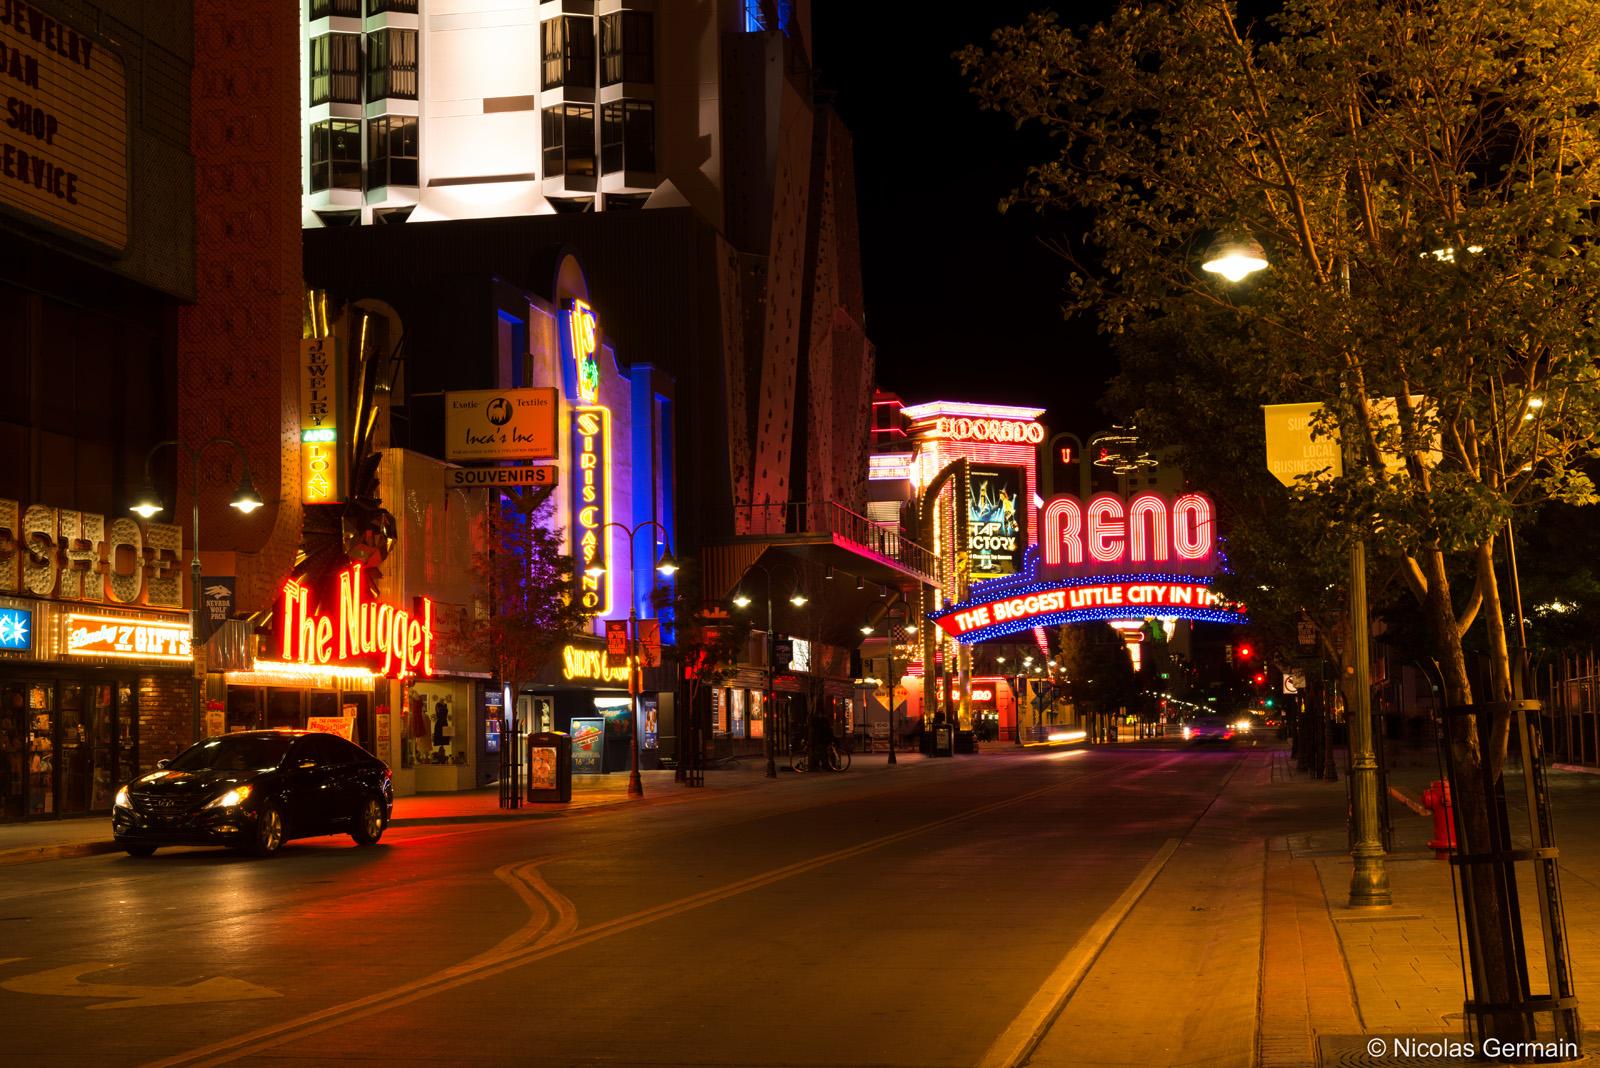 Les rues sont particulièrement vides la nuit dans la ville de Reno